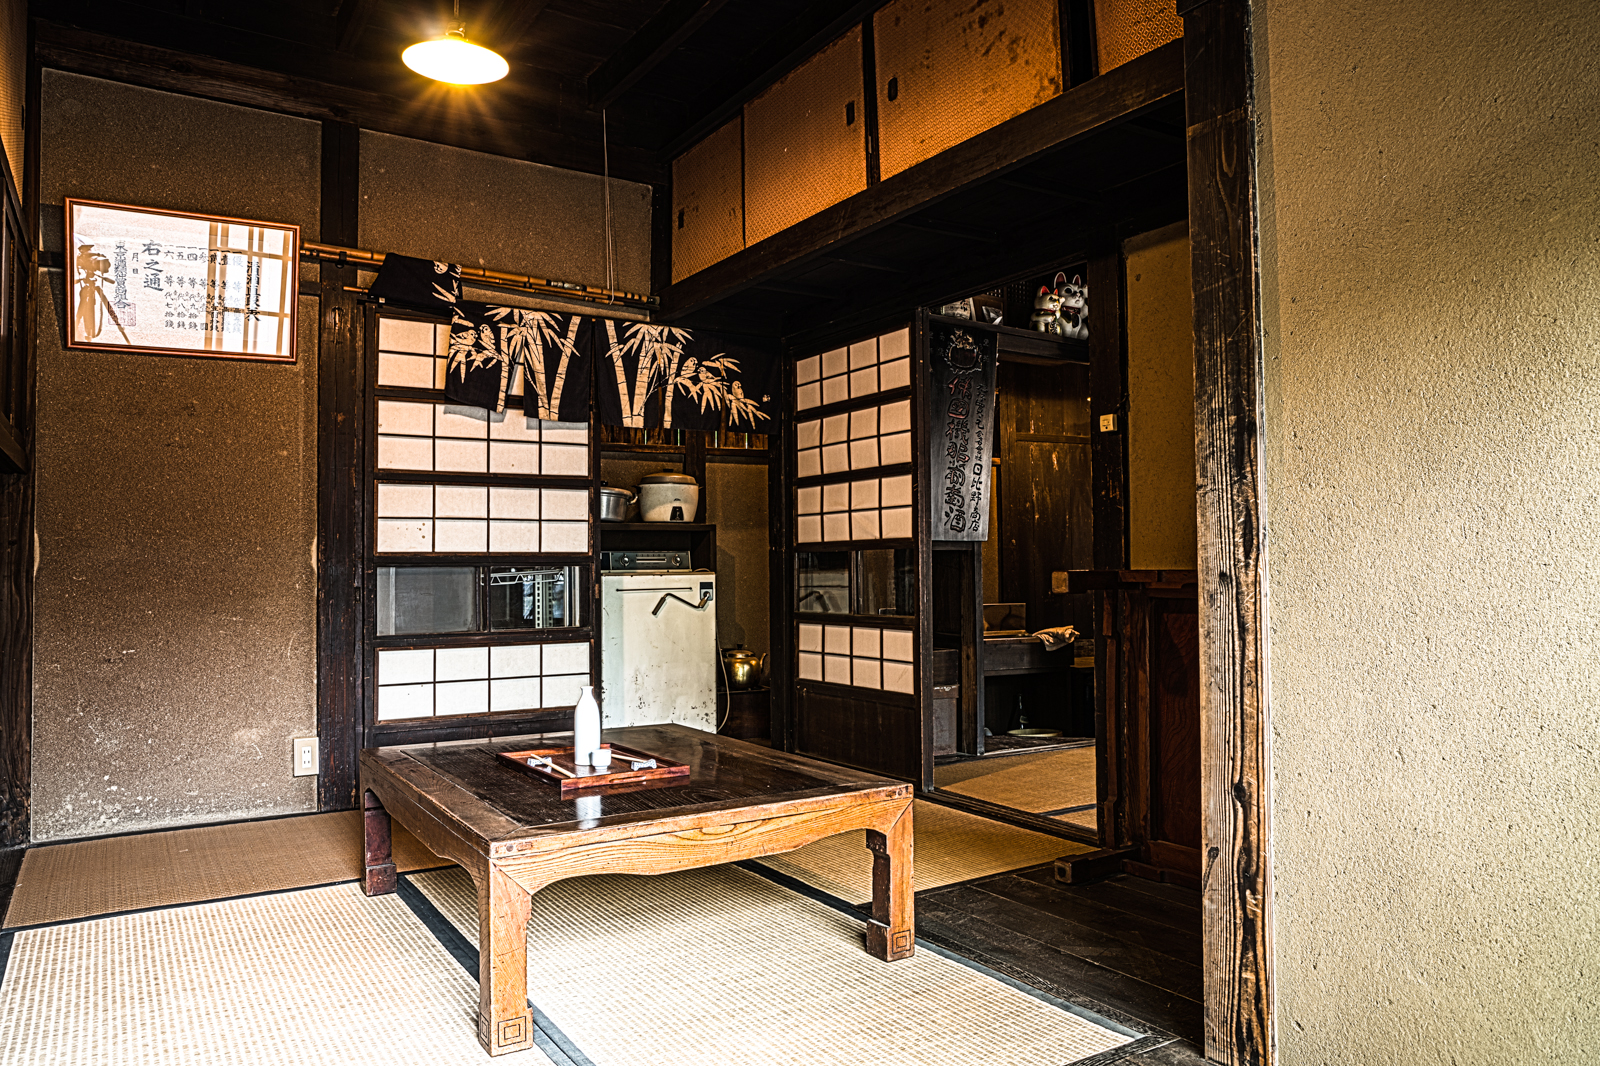 江戸東京たてもの園、安政時代に立てられた居酒屋の個室(和室)